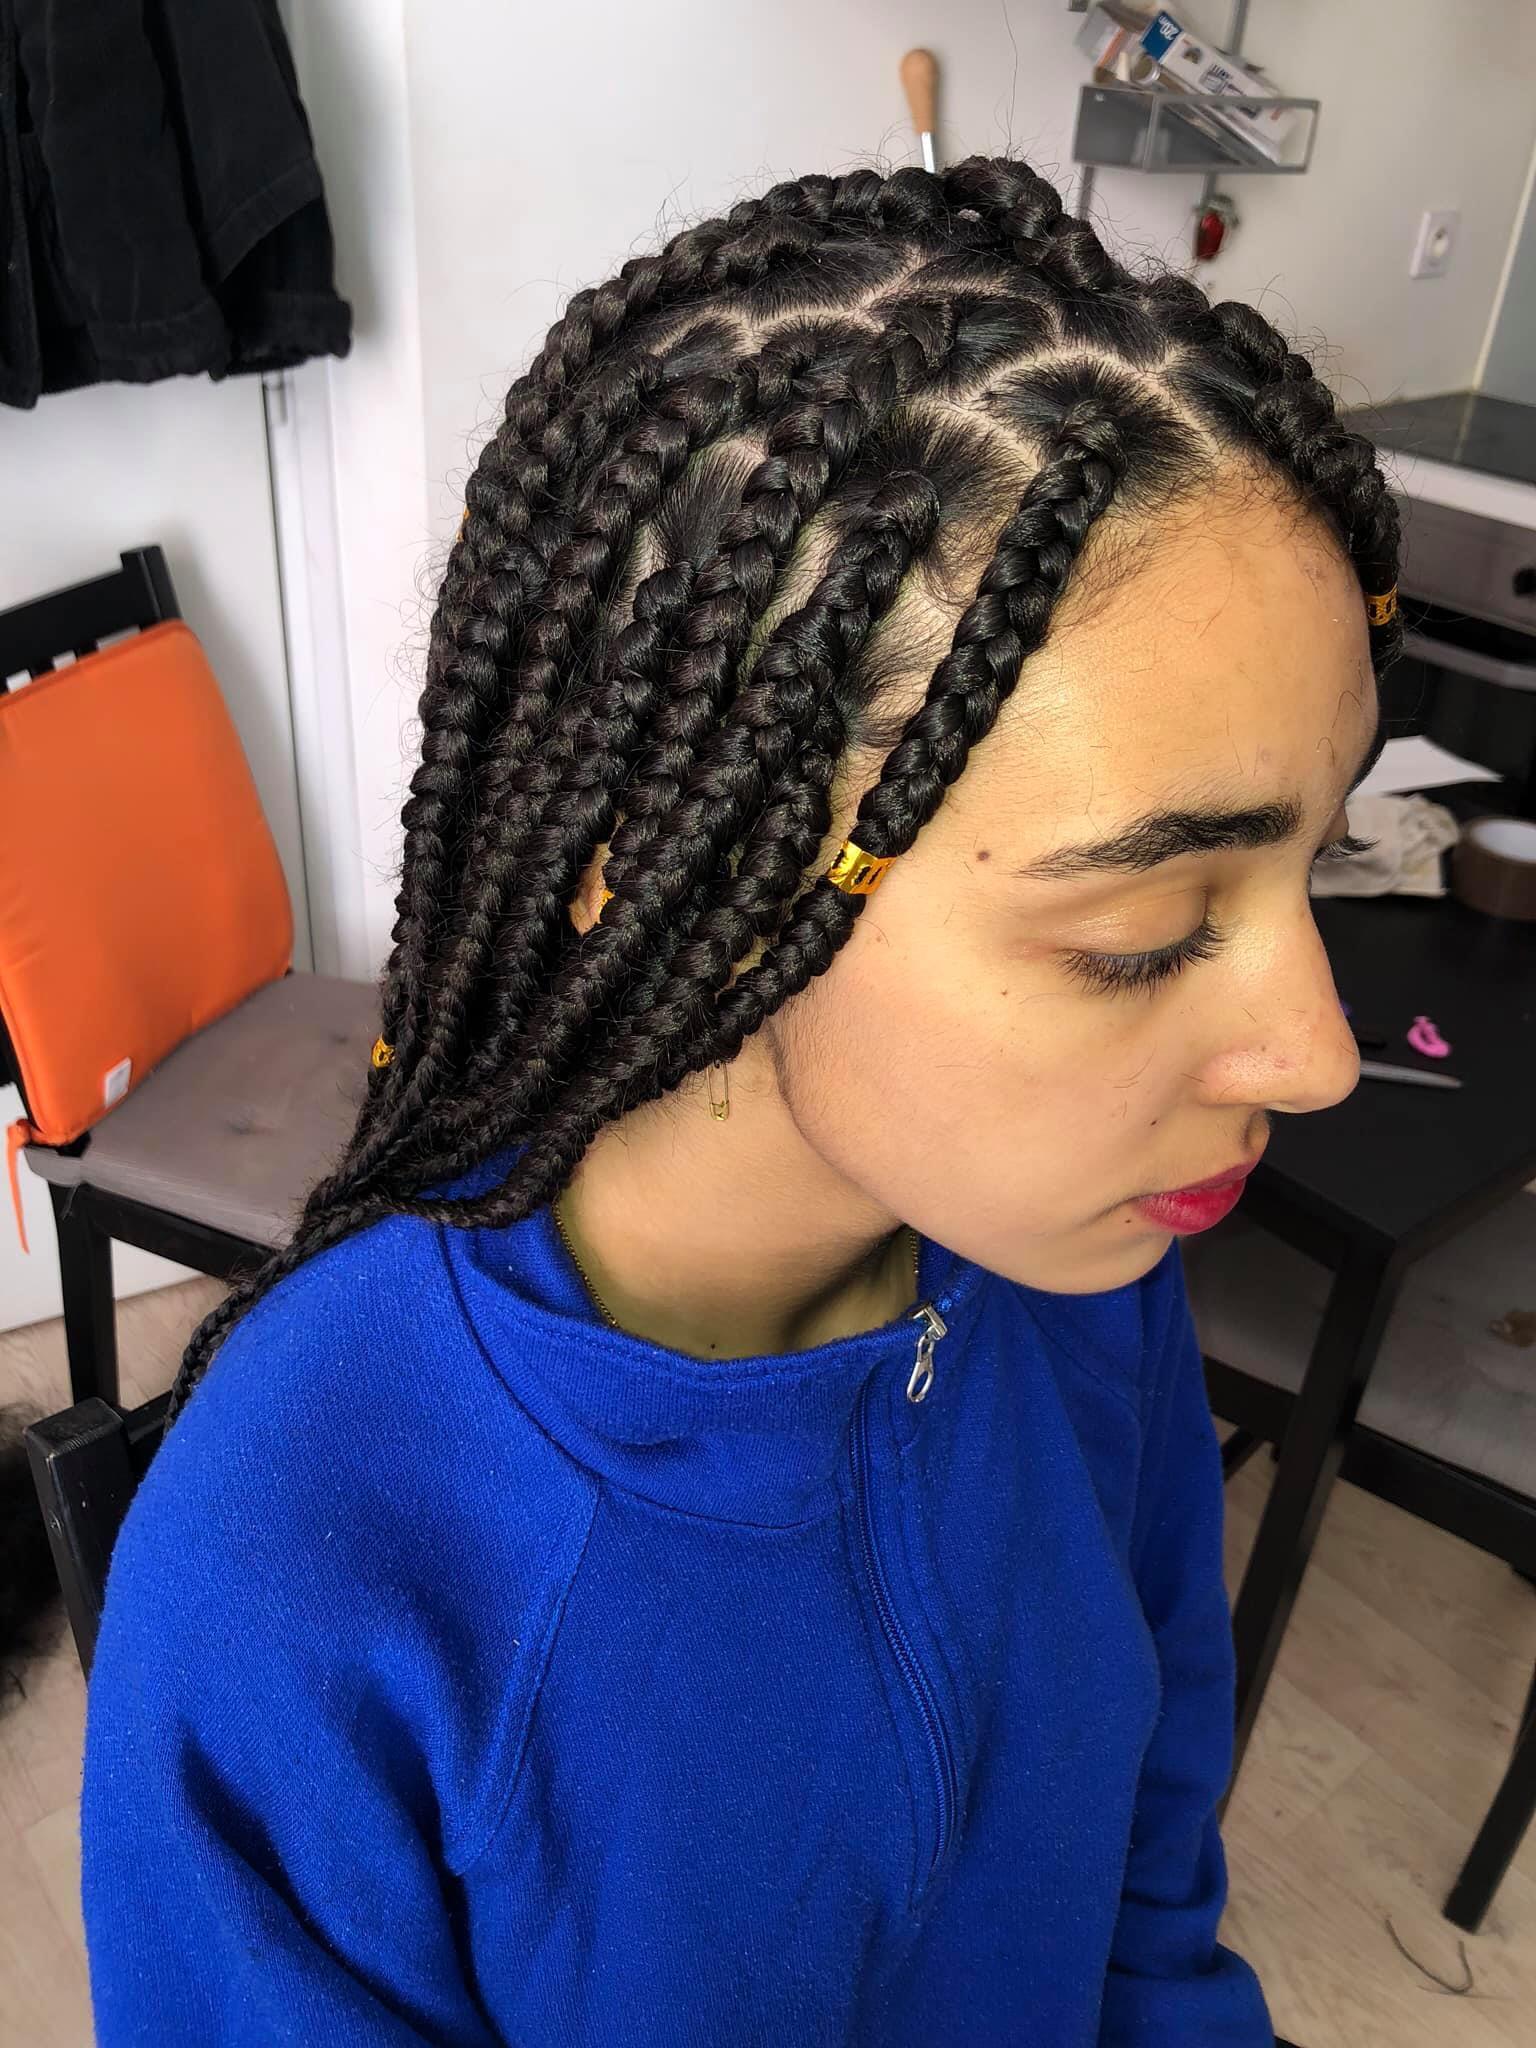 salon de coiffure afro tresse tresses box braids crochet braids vanilles tissages paris 75 77 78 91 92 93 94 95 LPMGOUMI